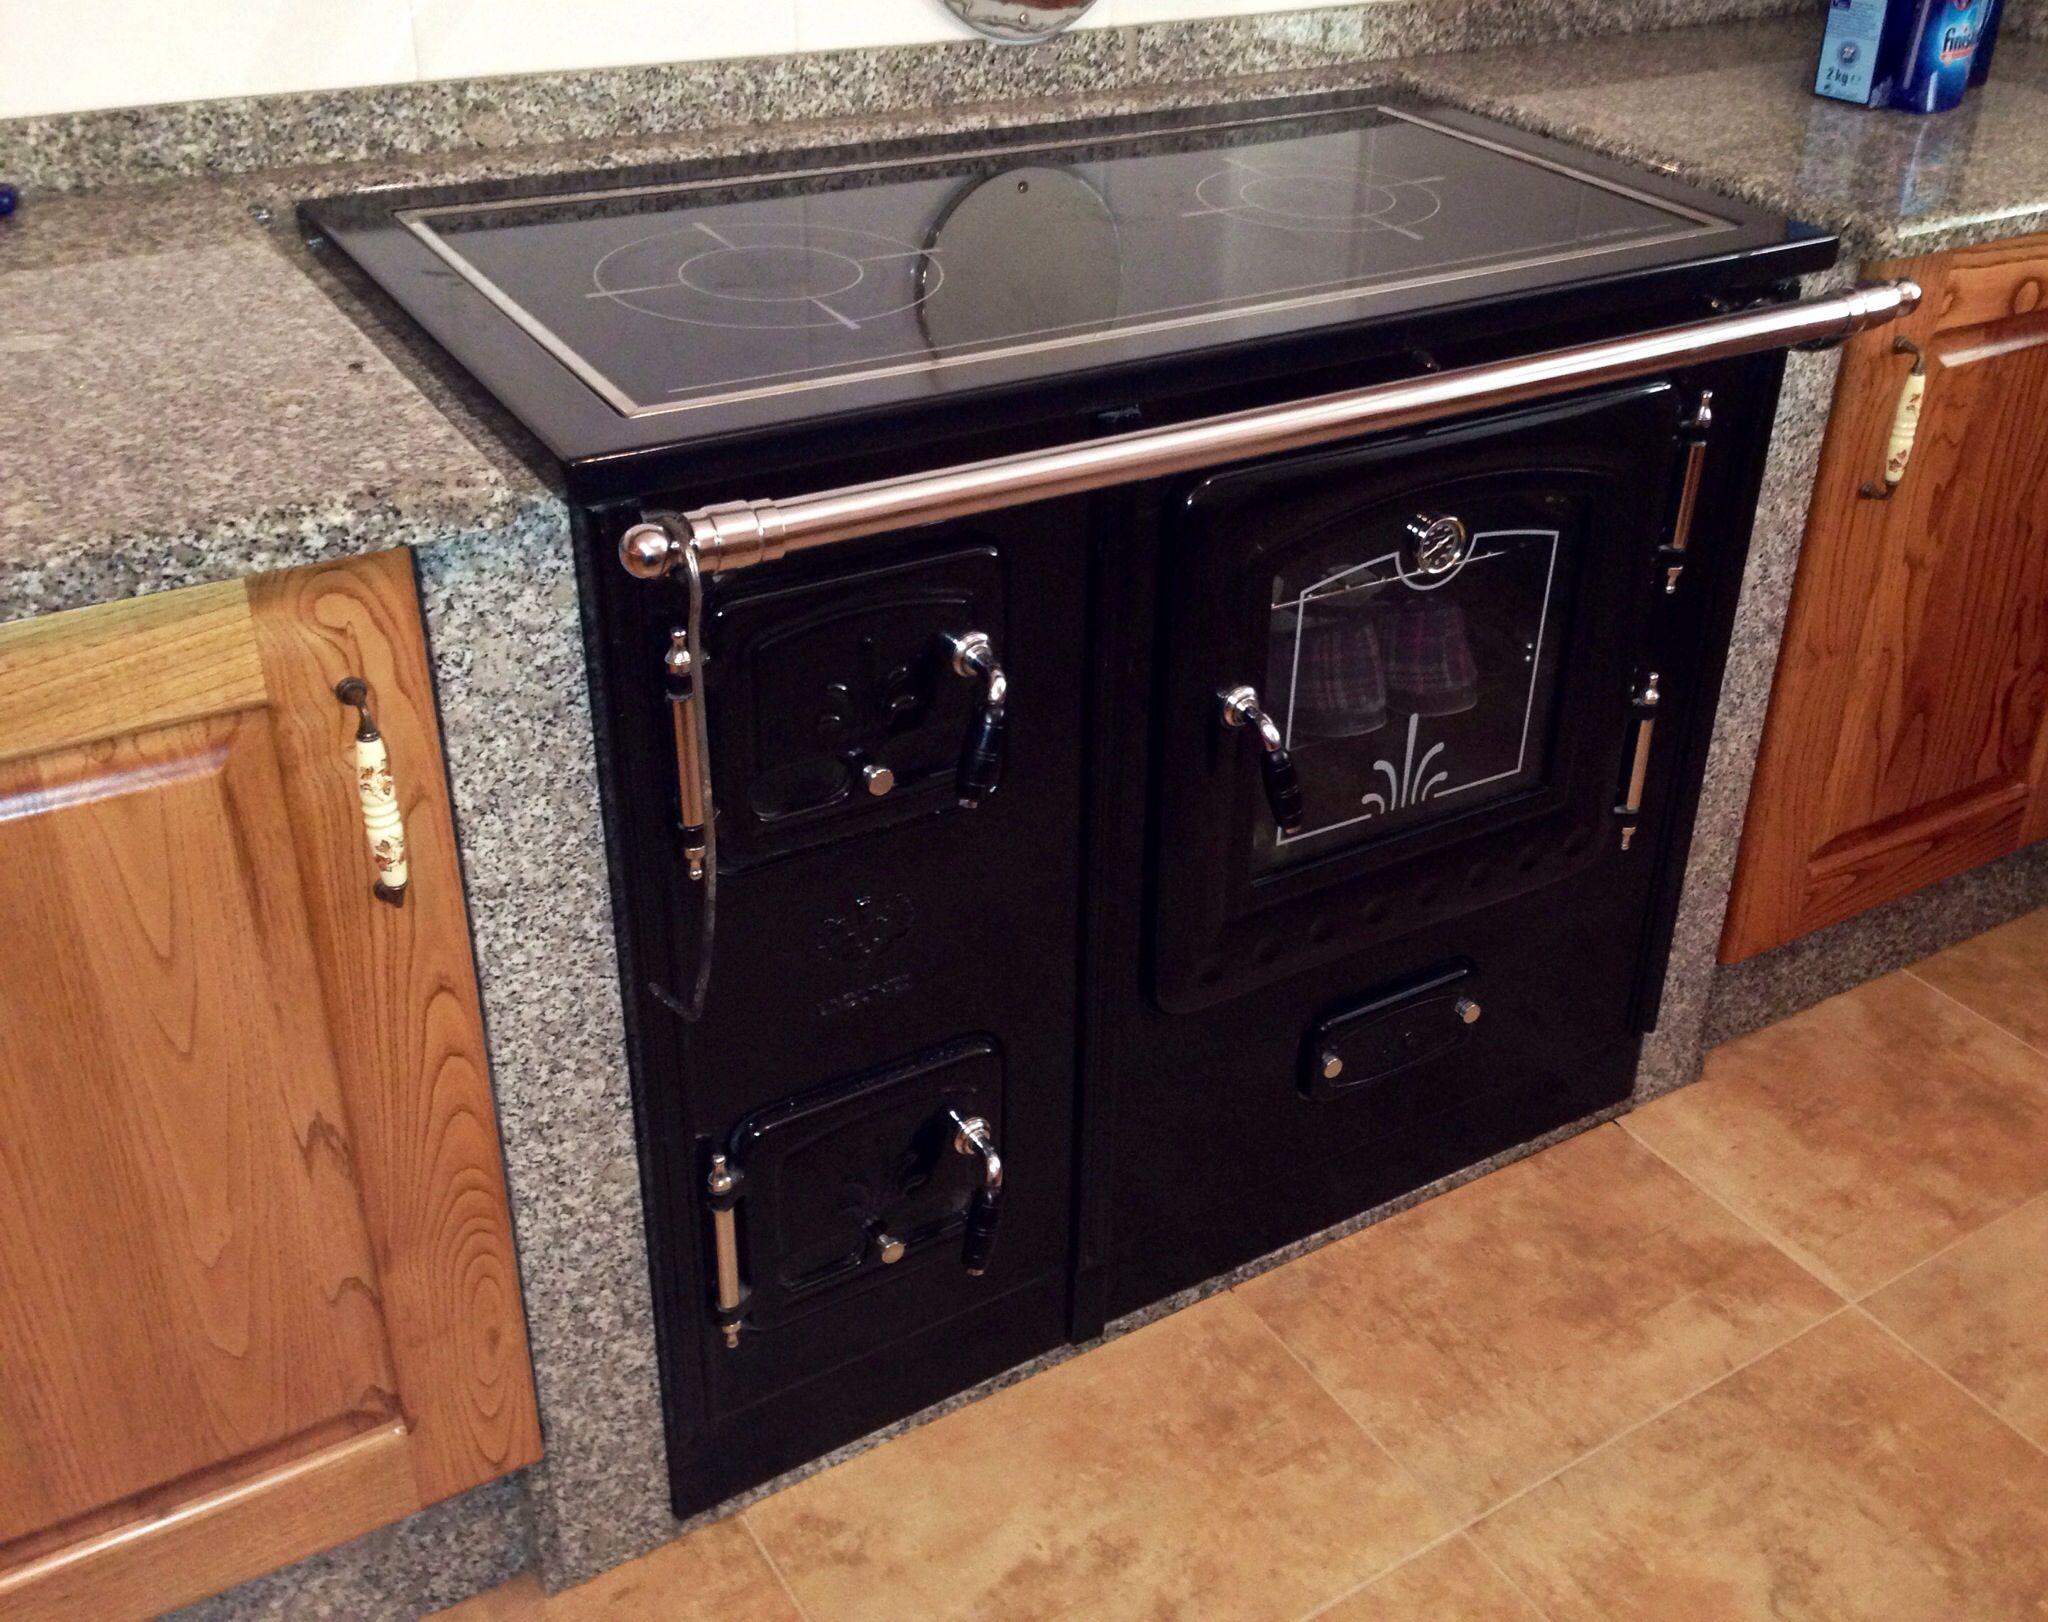 cocina le a integrada en muebles de cocina decorama eo